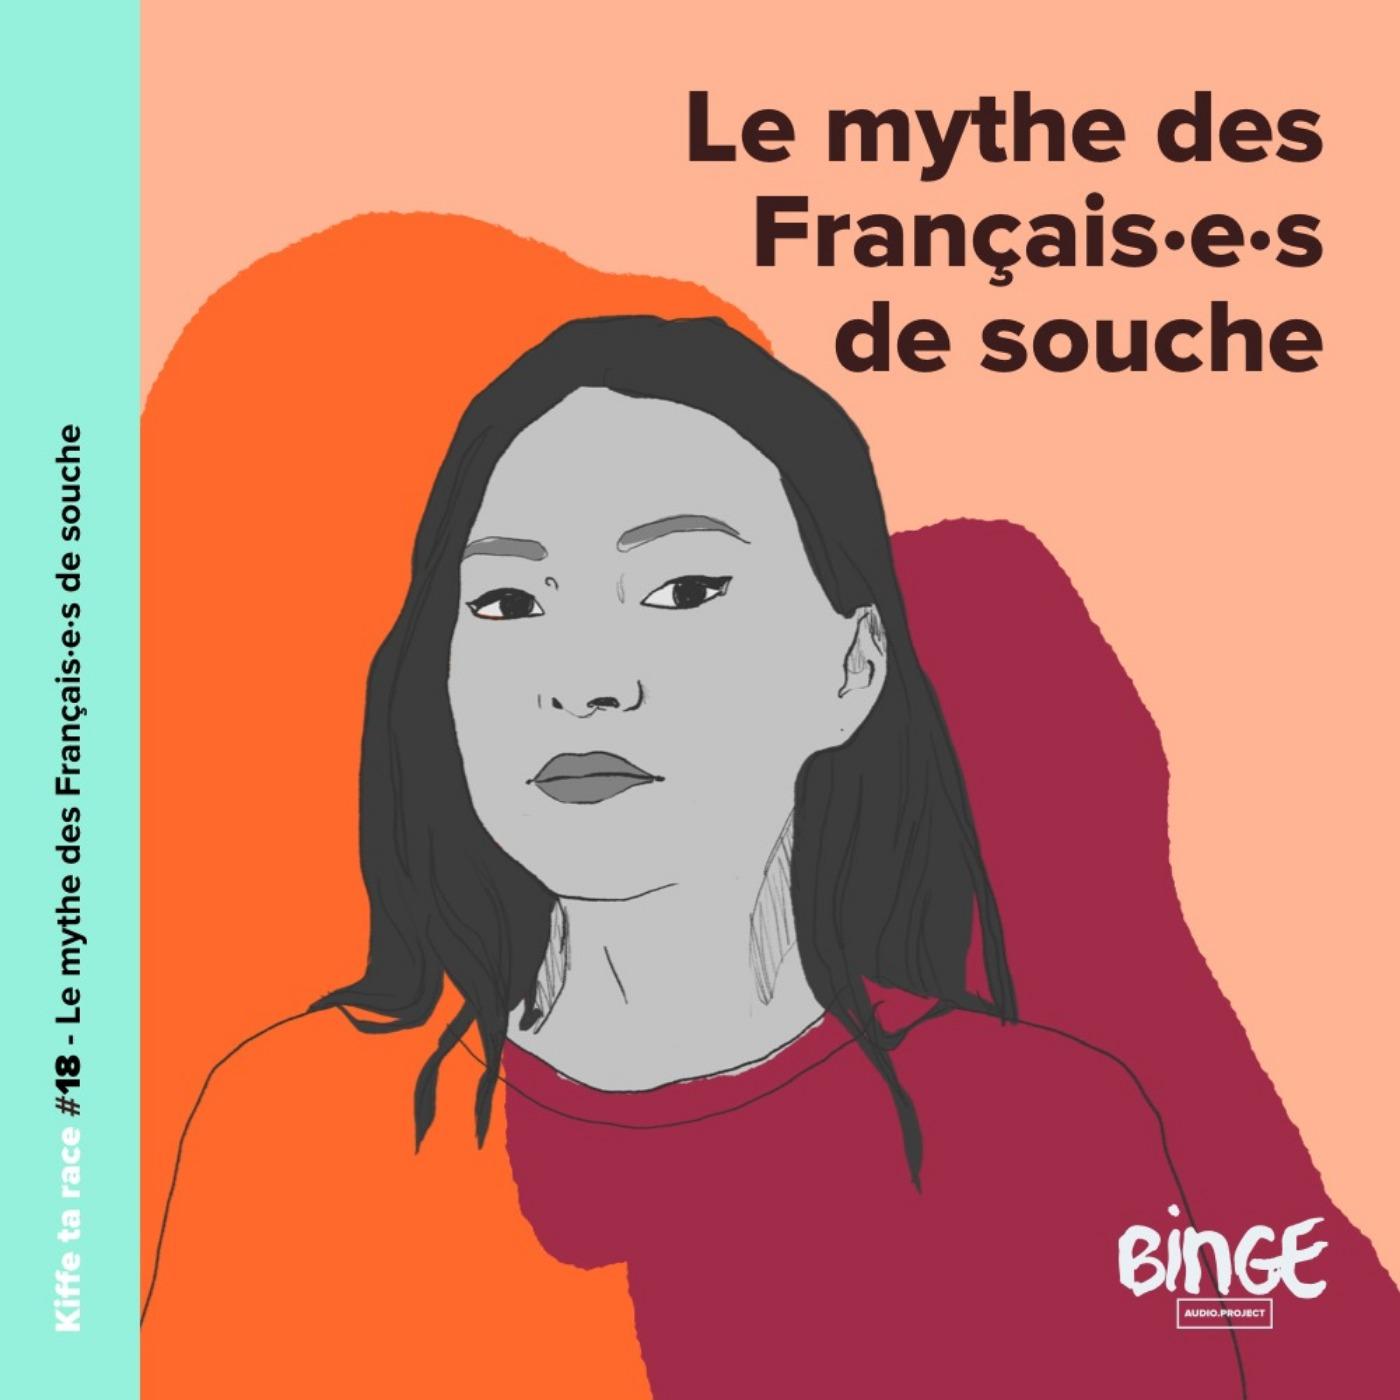 #18 - Le mythe des Français·e·s de souche